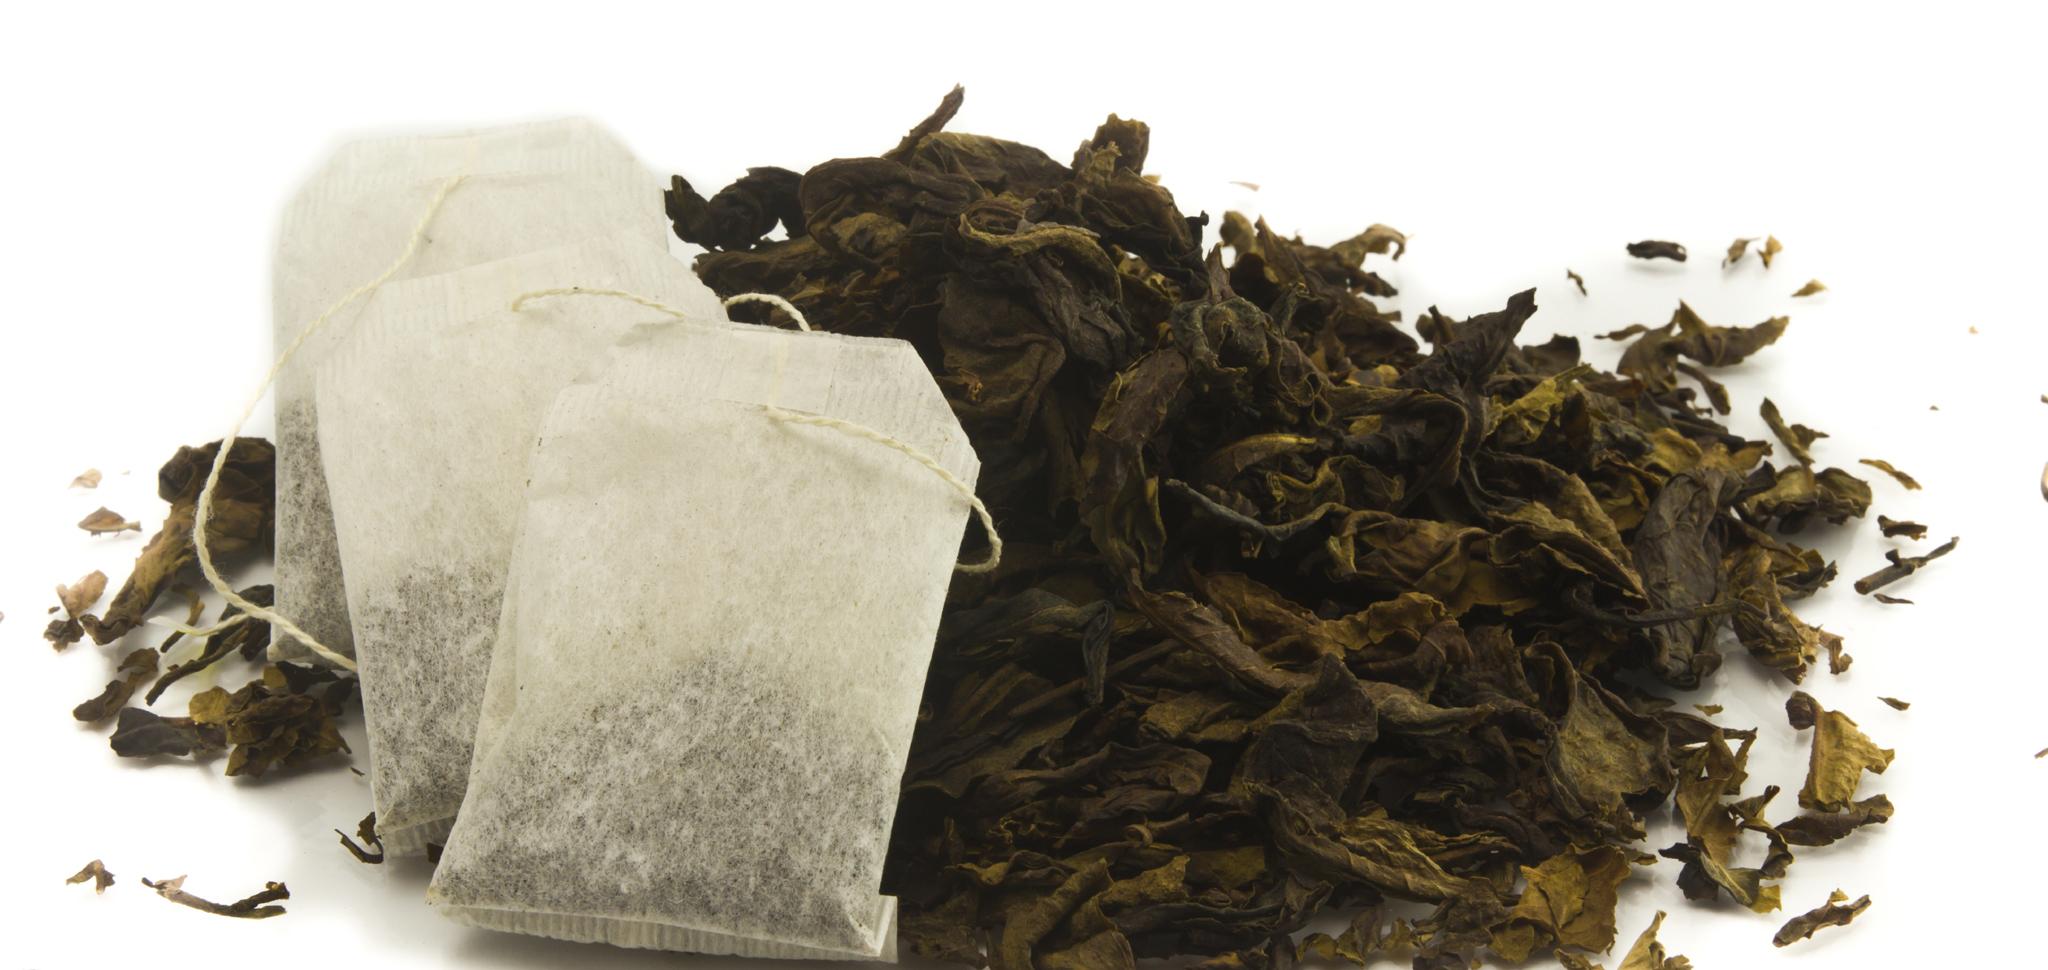 Cost Of Whole Leaf Teas Vs Tea Bags